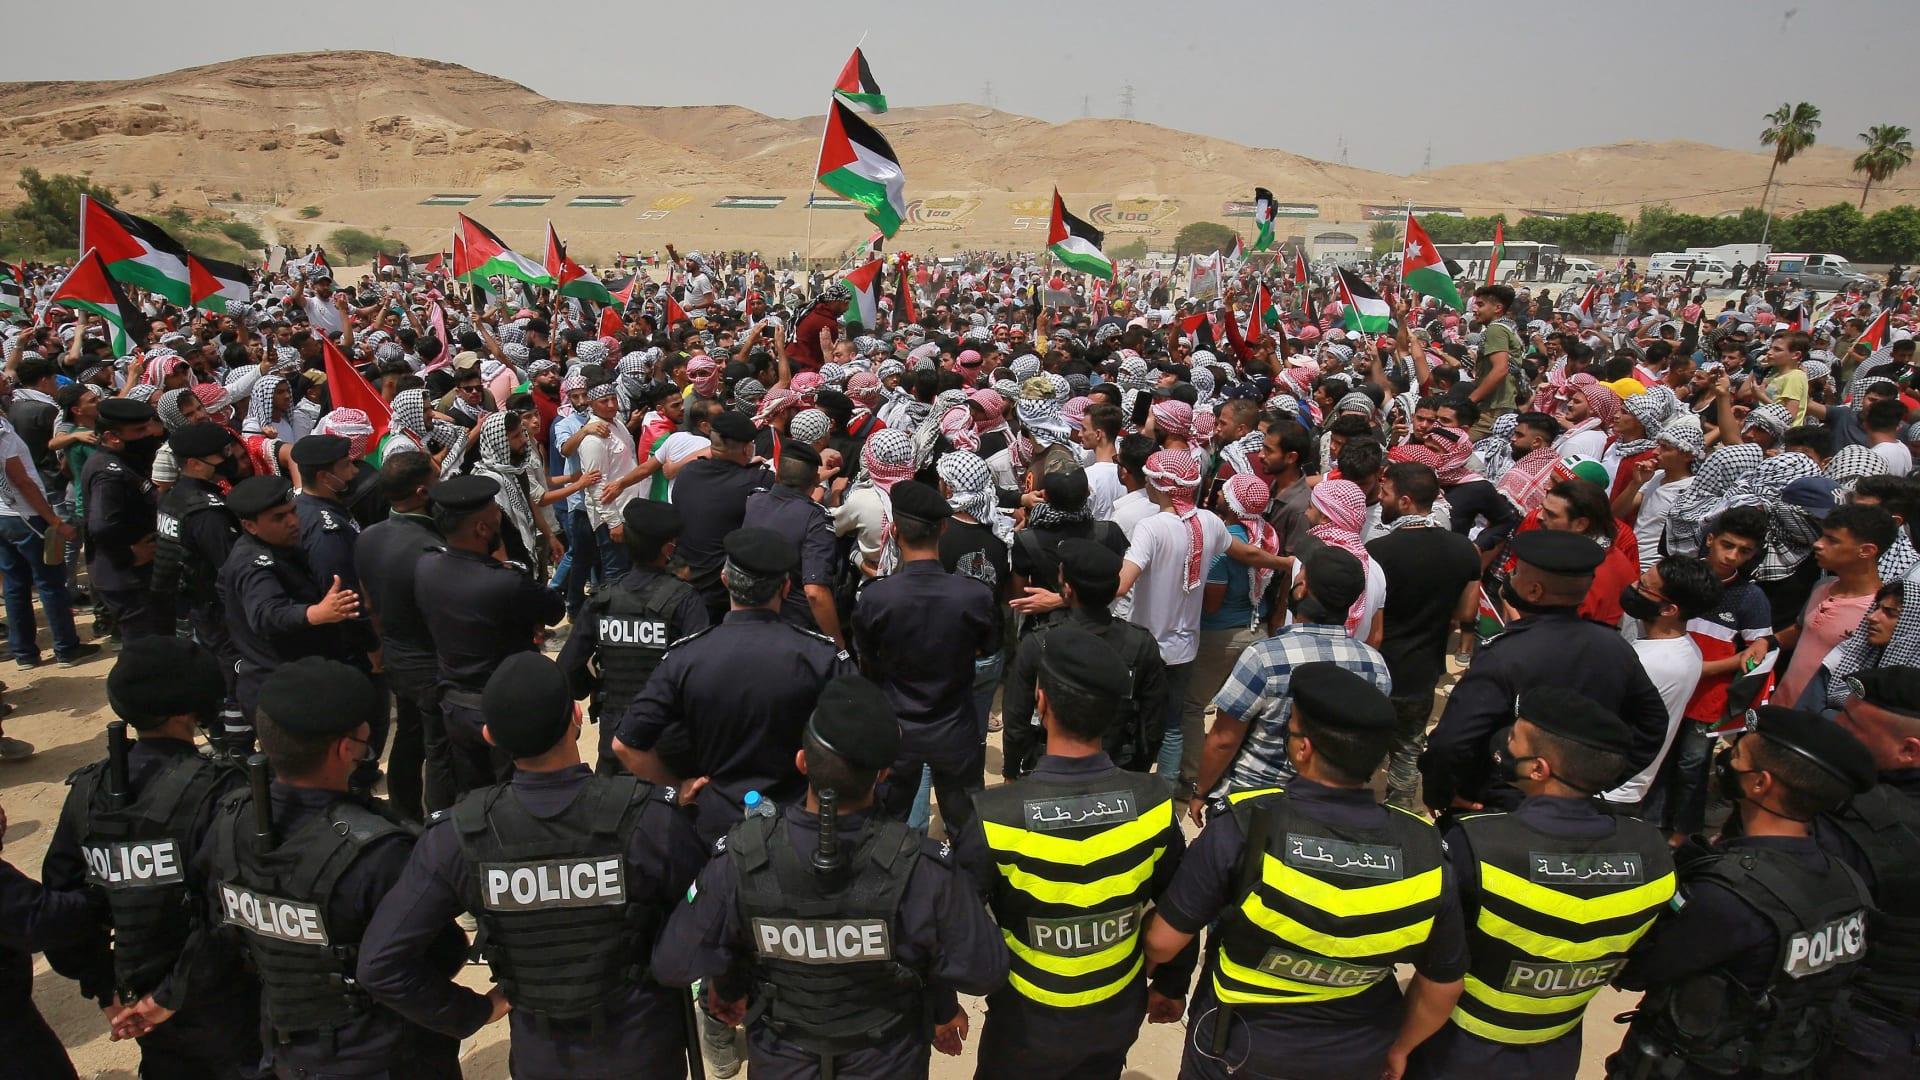 من المظاهرات قرب الحدود الاردنية الإسرائيلية بمنطقة الكرامة